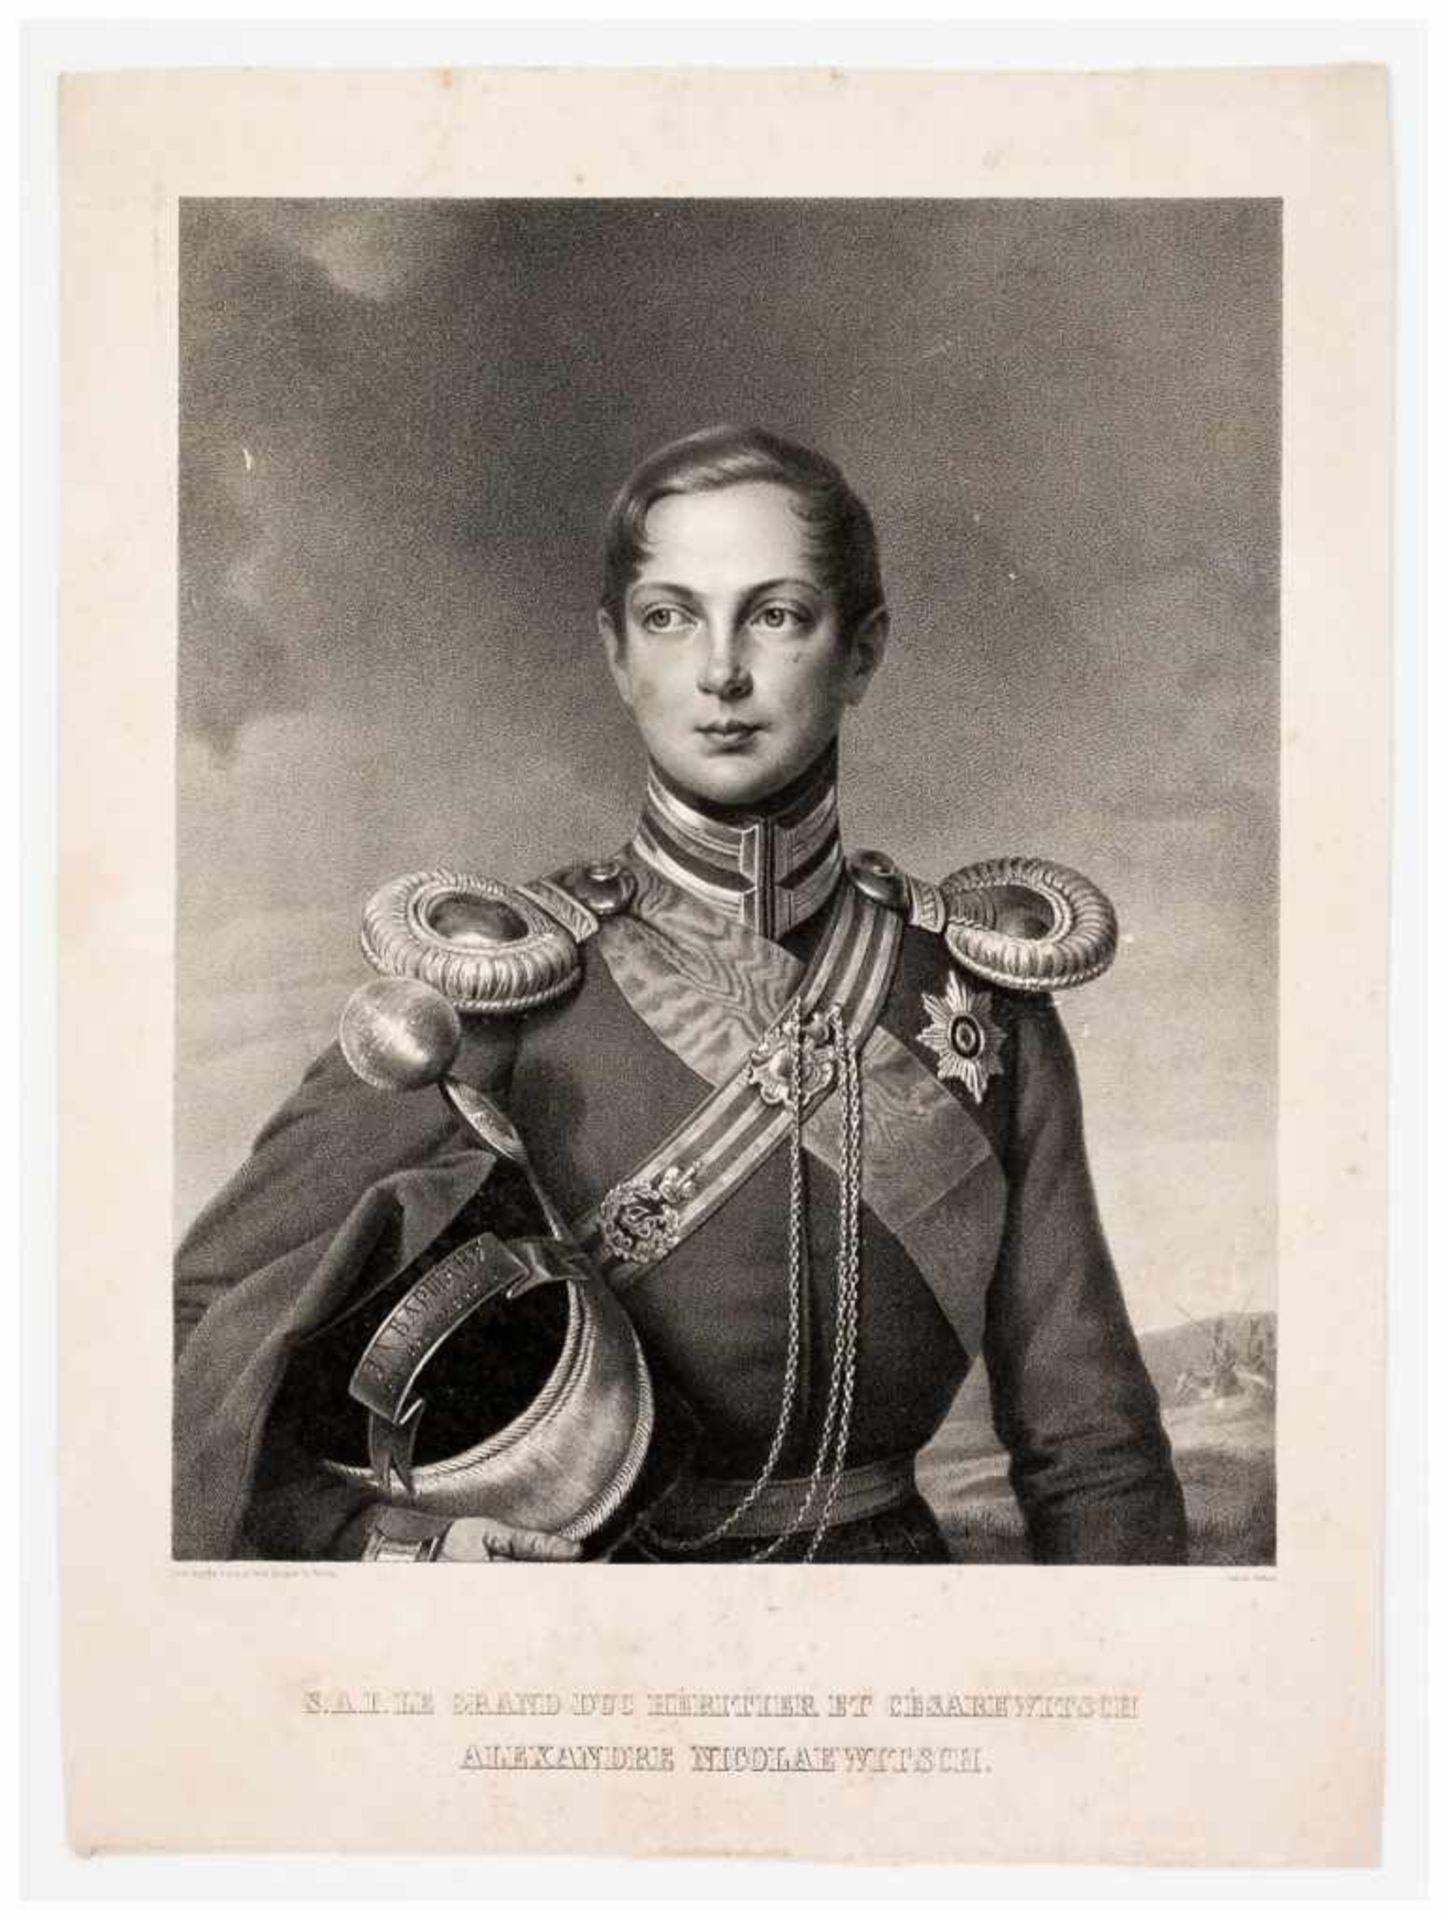 Los 47 - Grossherzog Alexander Nicolaevitsch, der spätere Zar Alexander II. Lithographie, um 1850 von Schall